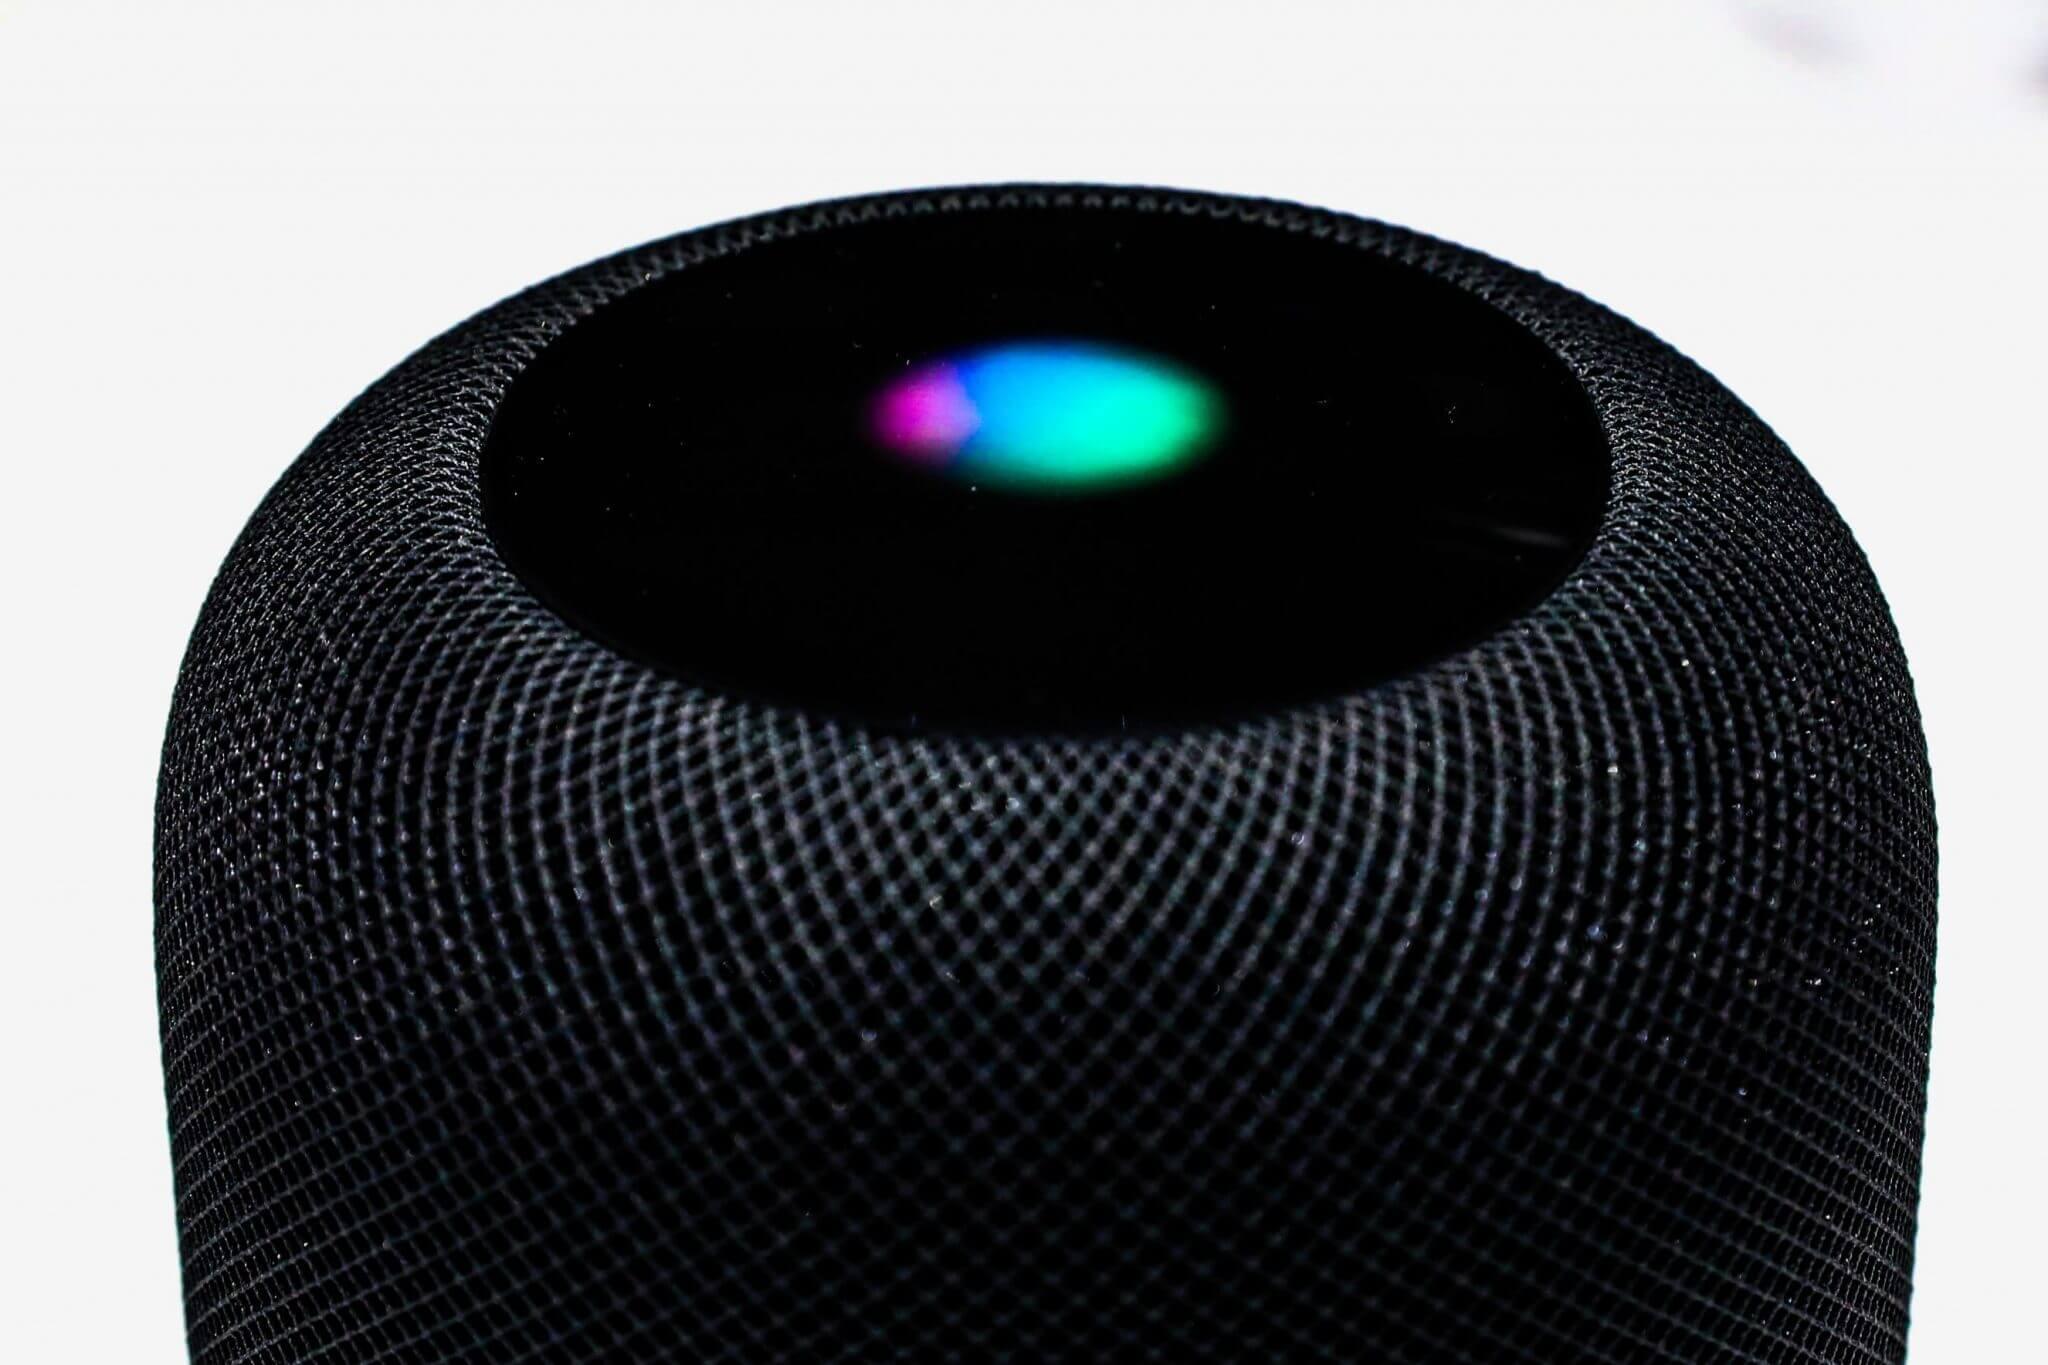 Confira o que especialistas dizem sobre o novo homepod da apple. Sem data de lançamento ainda no brasil, o novo smart talk da apple, o homepod, já está dando o que falar em outros países.